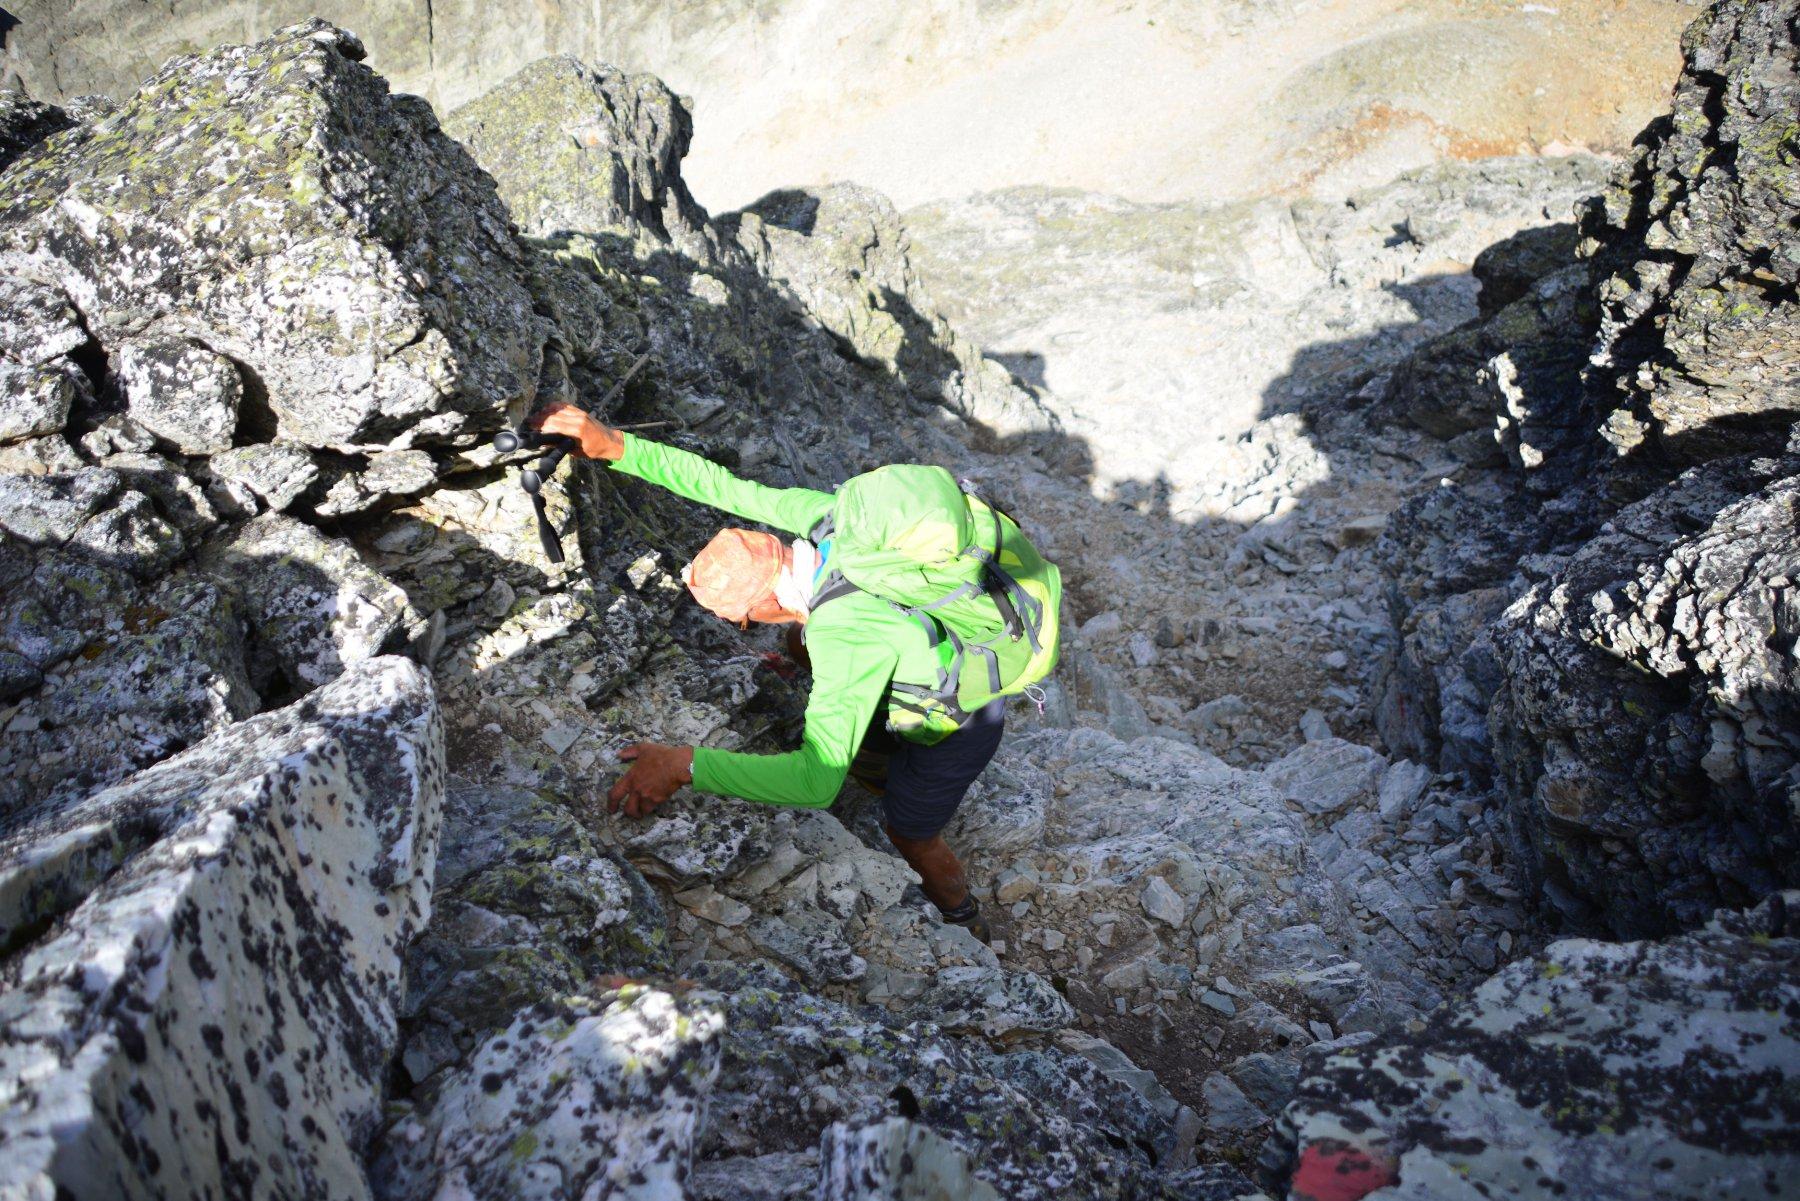 facile arrampicata nella prima parte